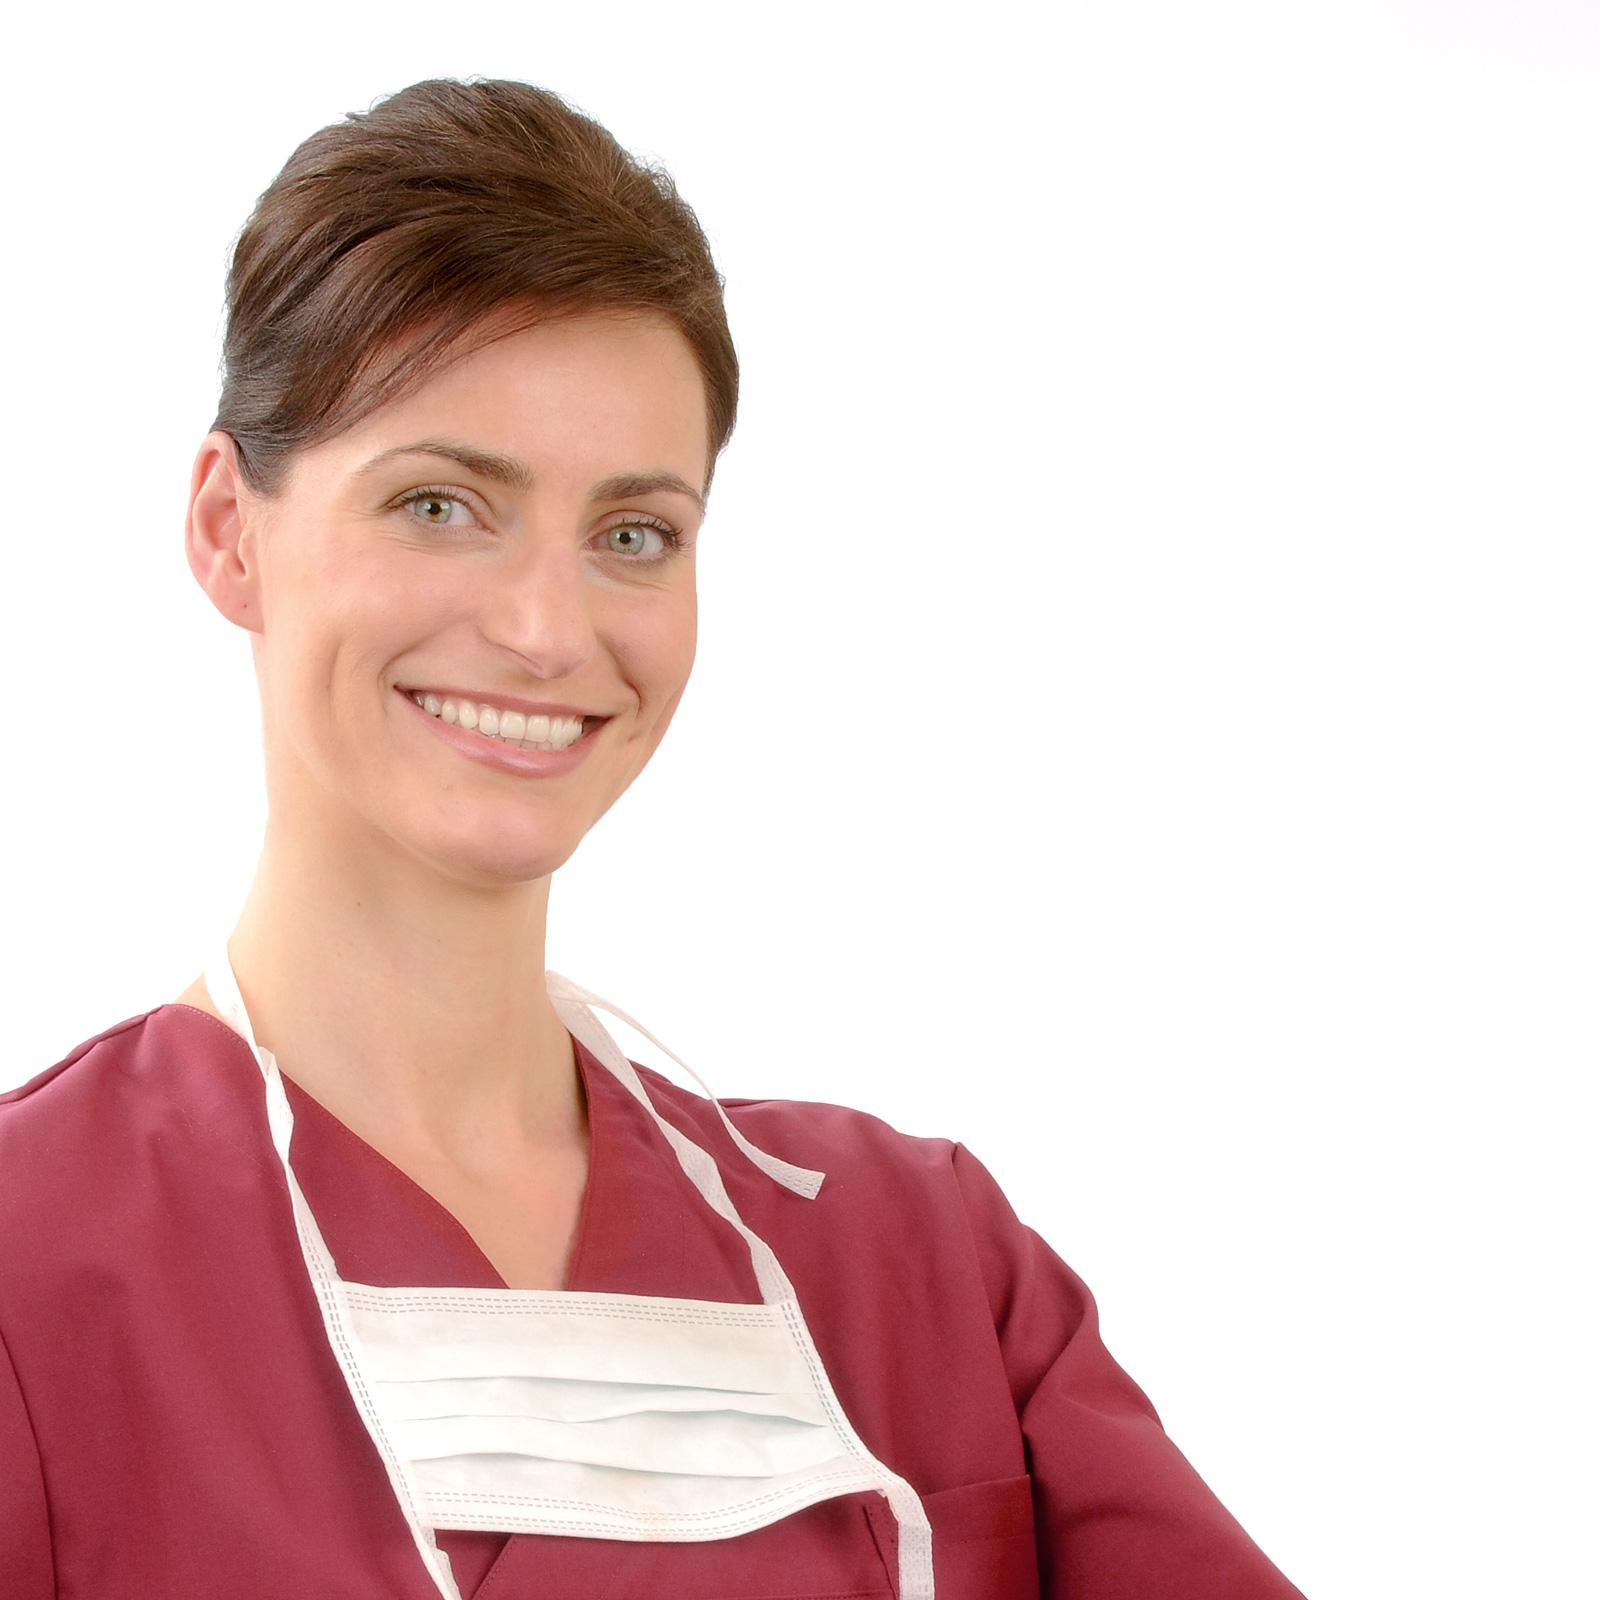 Kieferchirurgie – Anne Wichura: Zahnmedizinische Prophylaxeassistentin